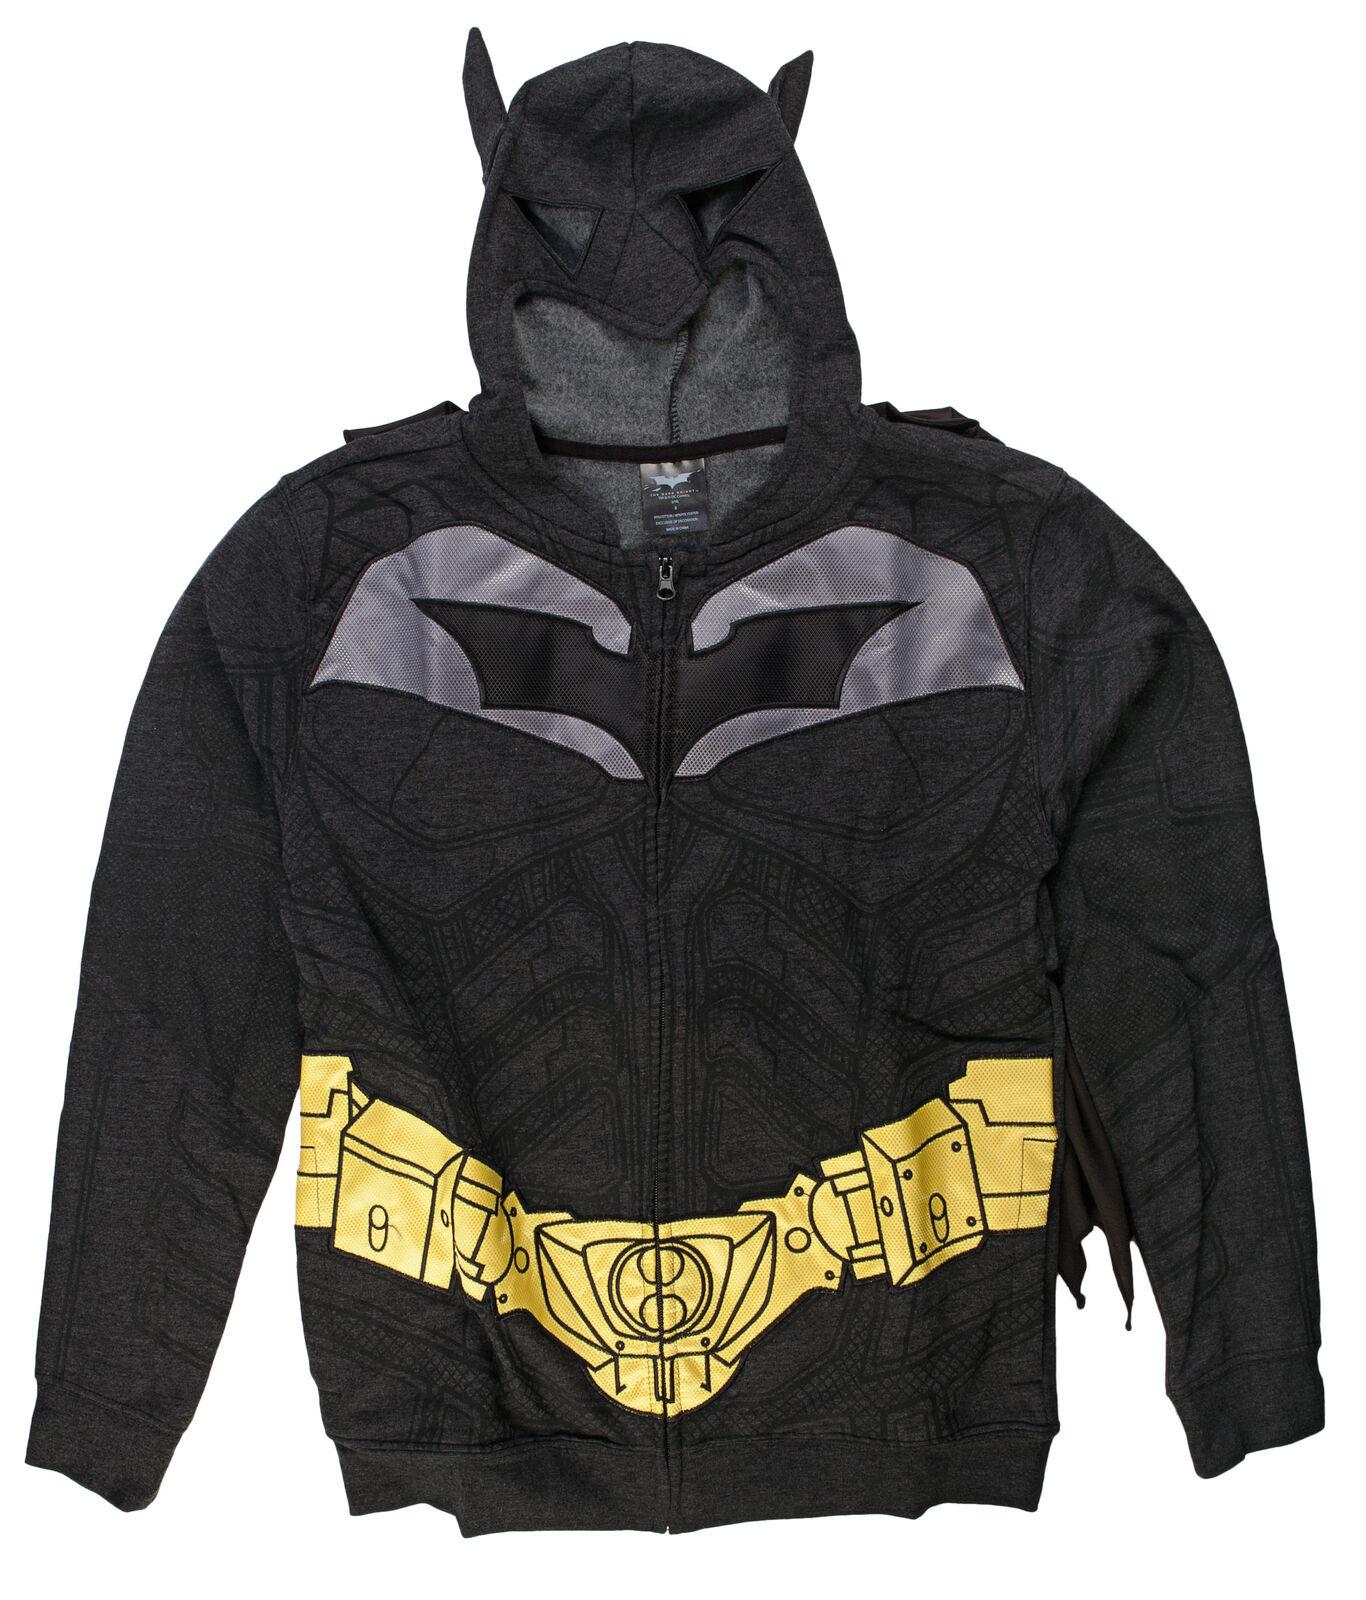 the dark knight rises batman costume fleece zip up hoodie sweatshirt